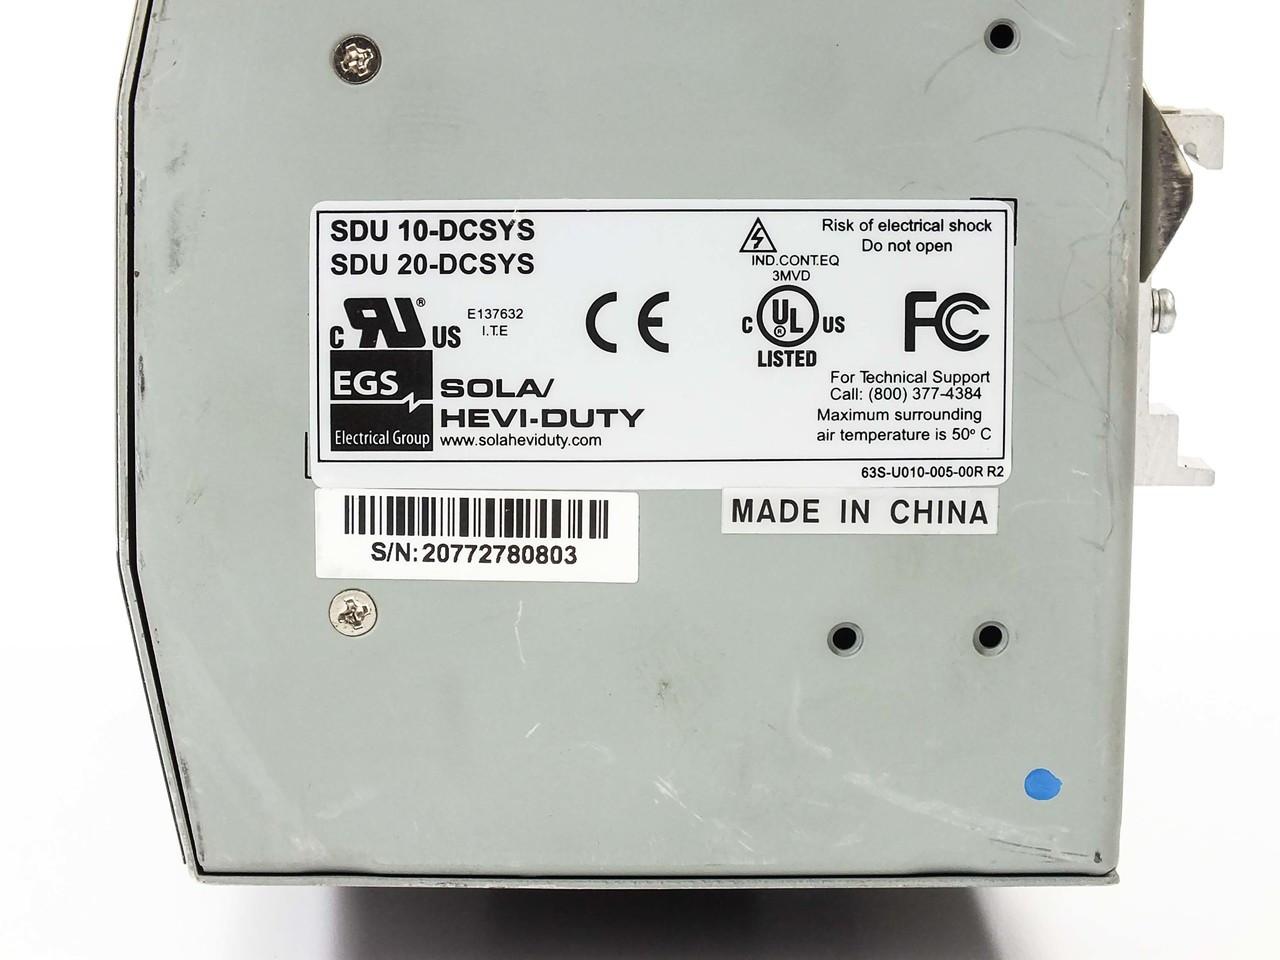 SOLAHD SDU 24 BATSDU DIN Rail DC UPS Series SDU 10-DCSYS